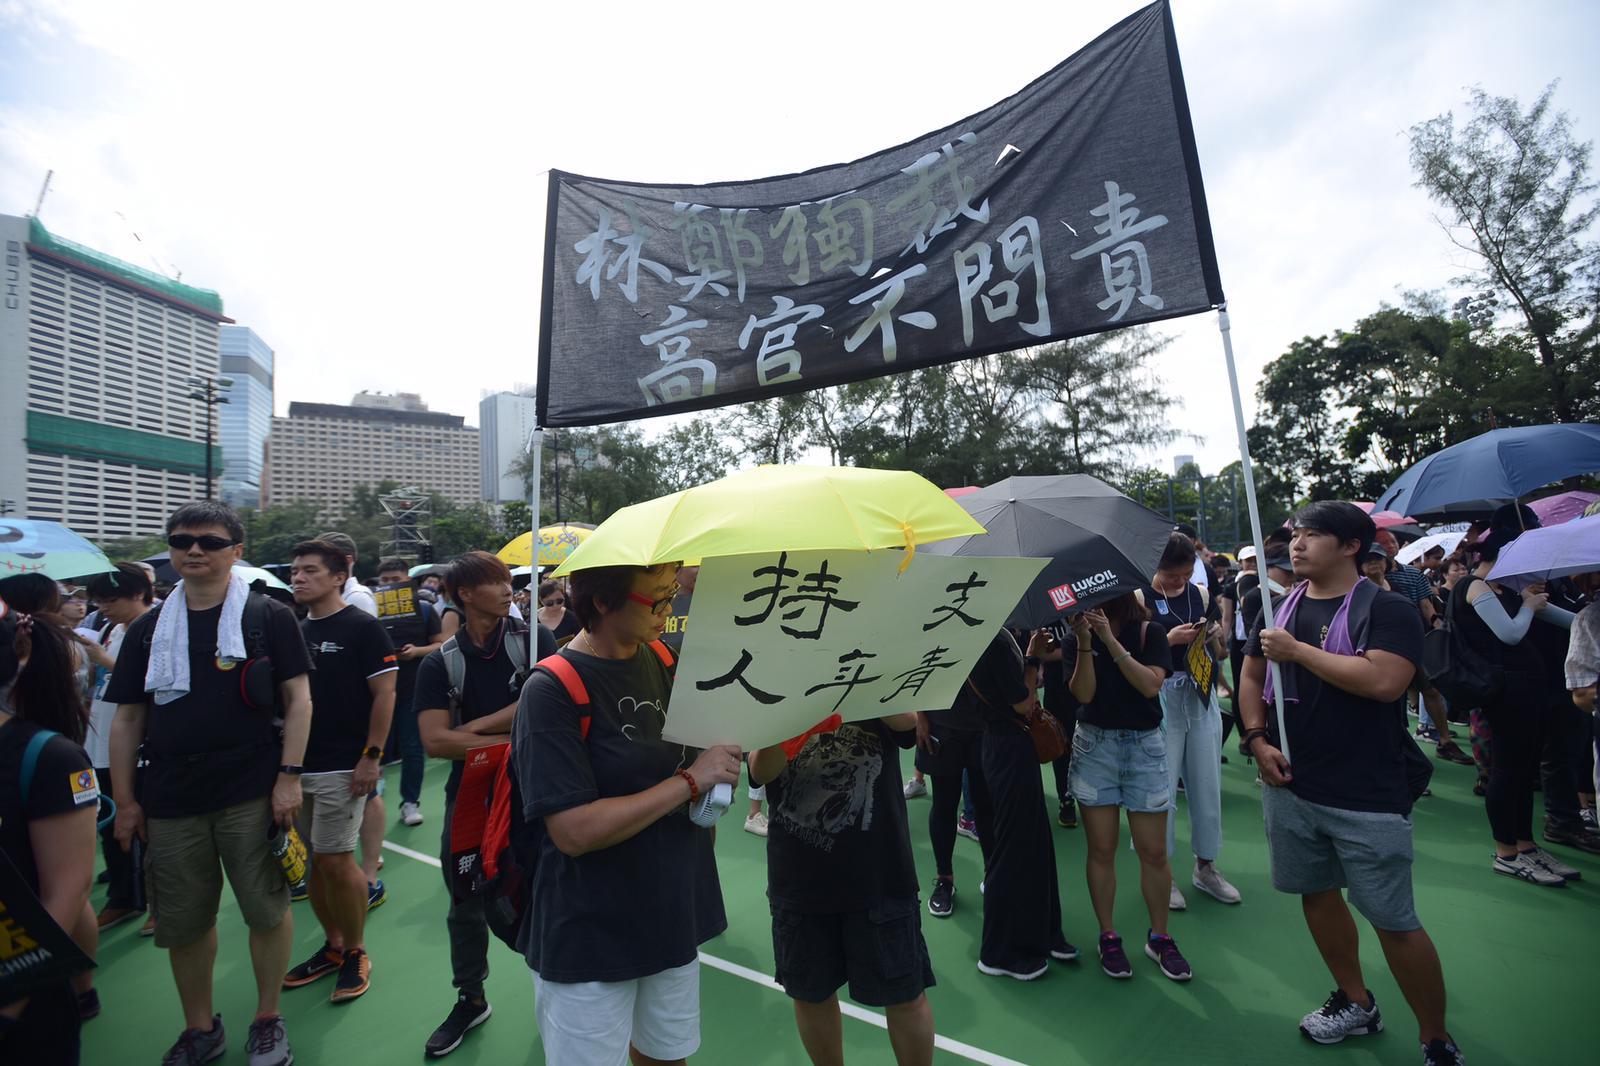 民陣再次發起的反修例遊行,並於下午3時40分起步。